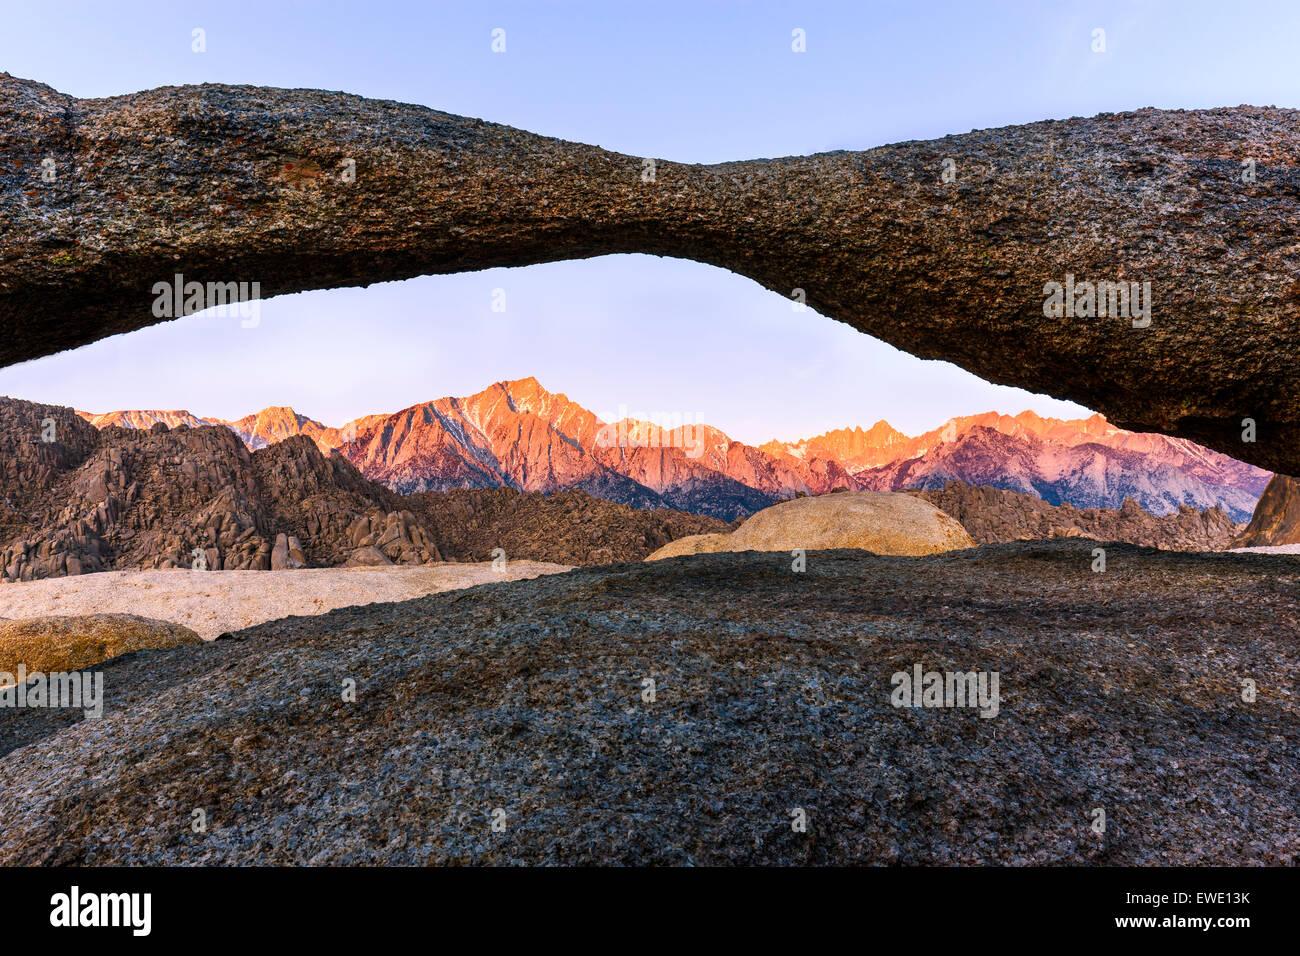 Lever du soleil à Lathe Arch dans les Alabama Hills avec la vue sur la Sierra Nevada, en Californie, USA. Photo Stock